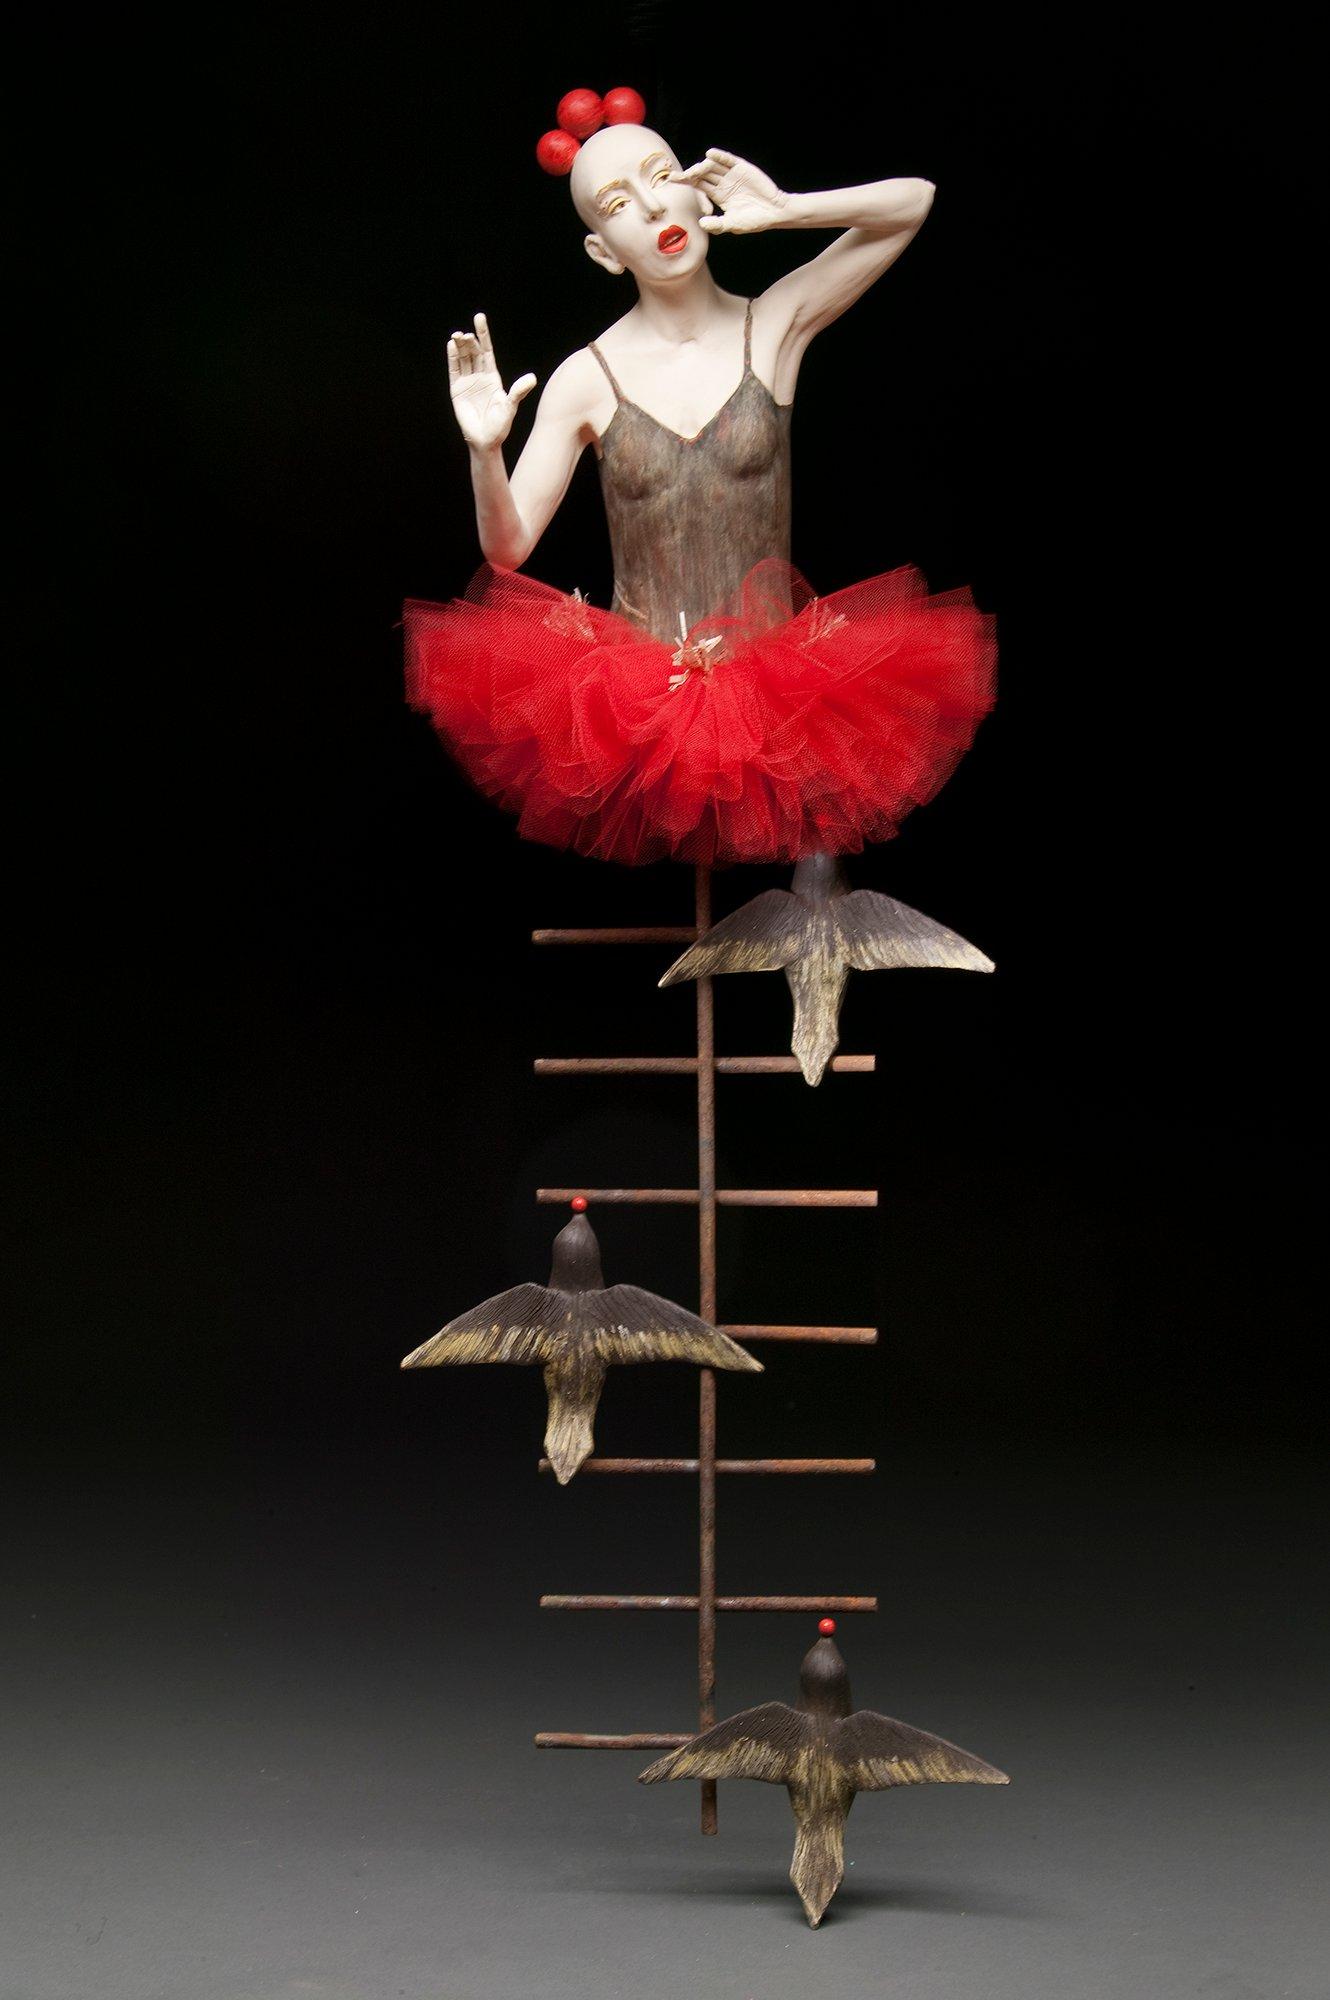 Kirsten Stingle Studio – sculptures